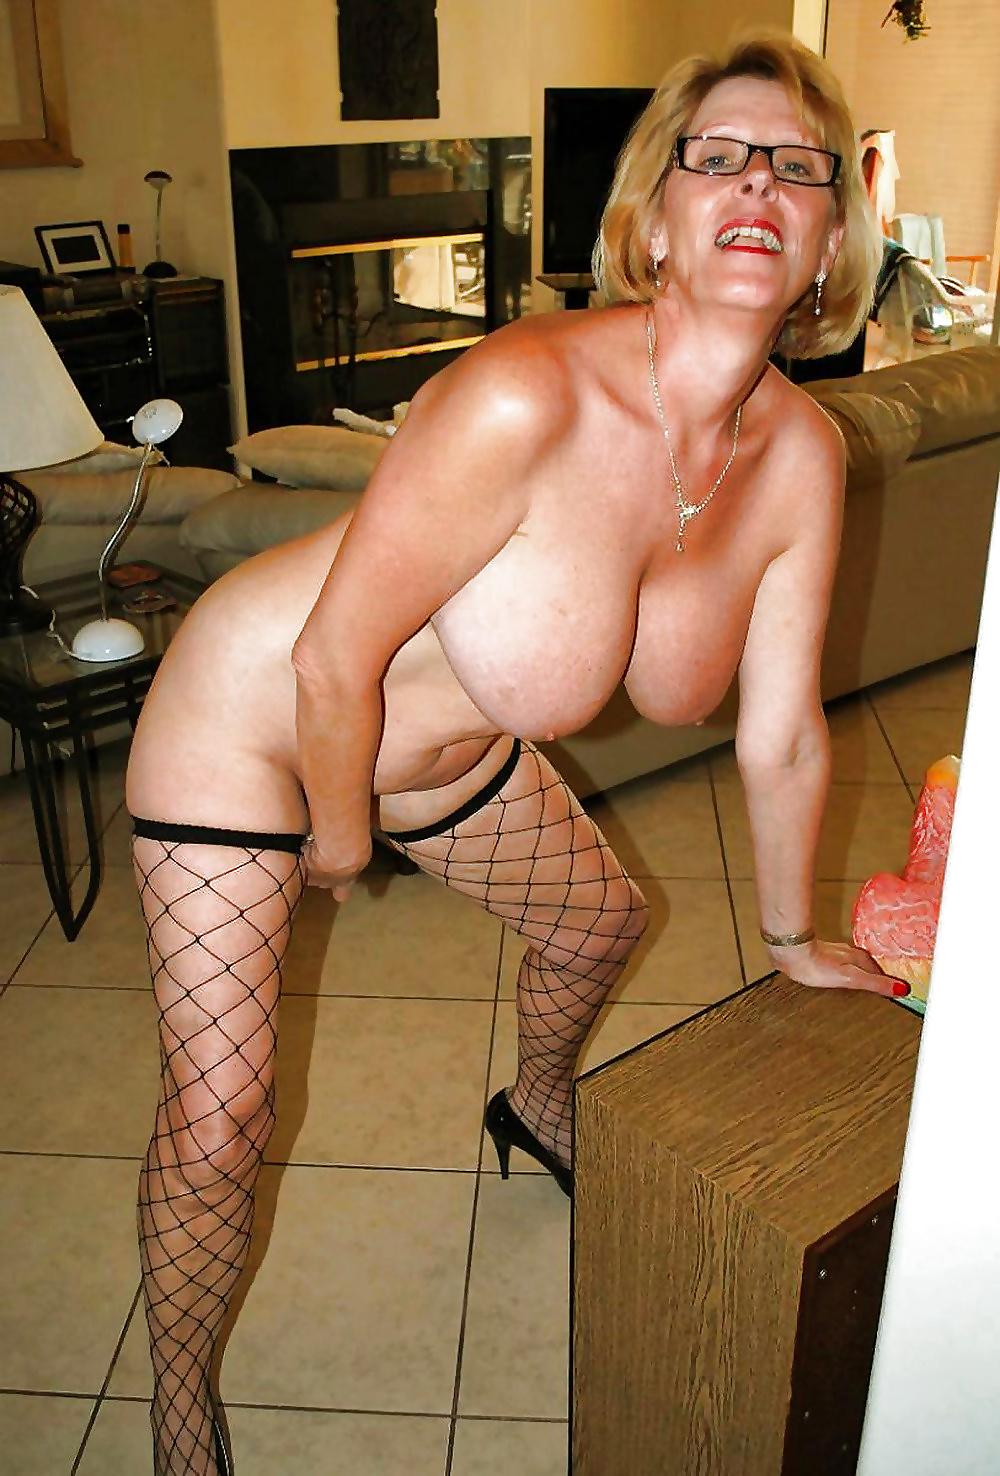 Prall Brüste von Blondienen und Brünetten, freie Bildern - Bild 6